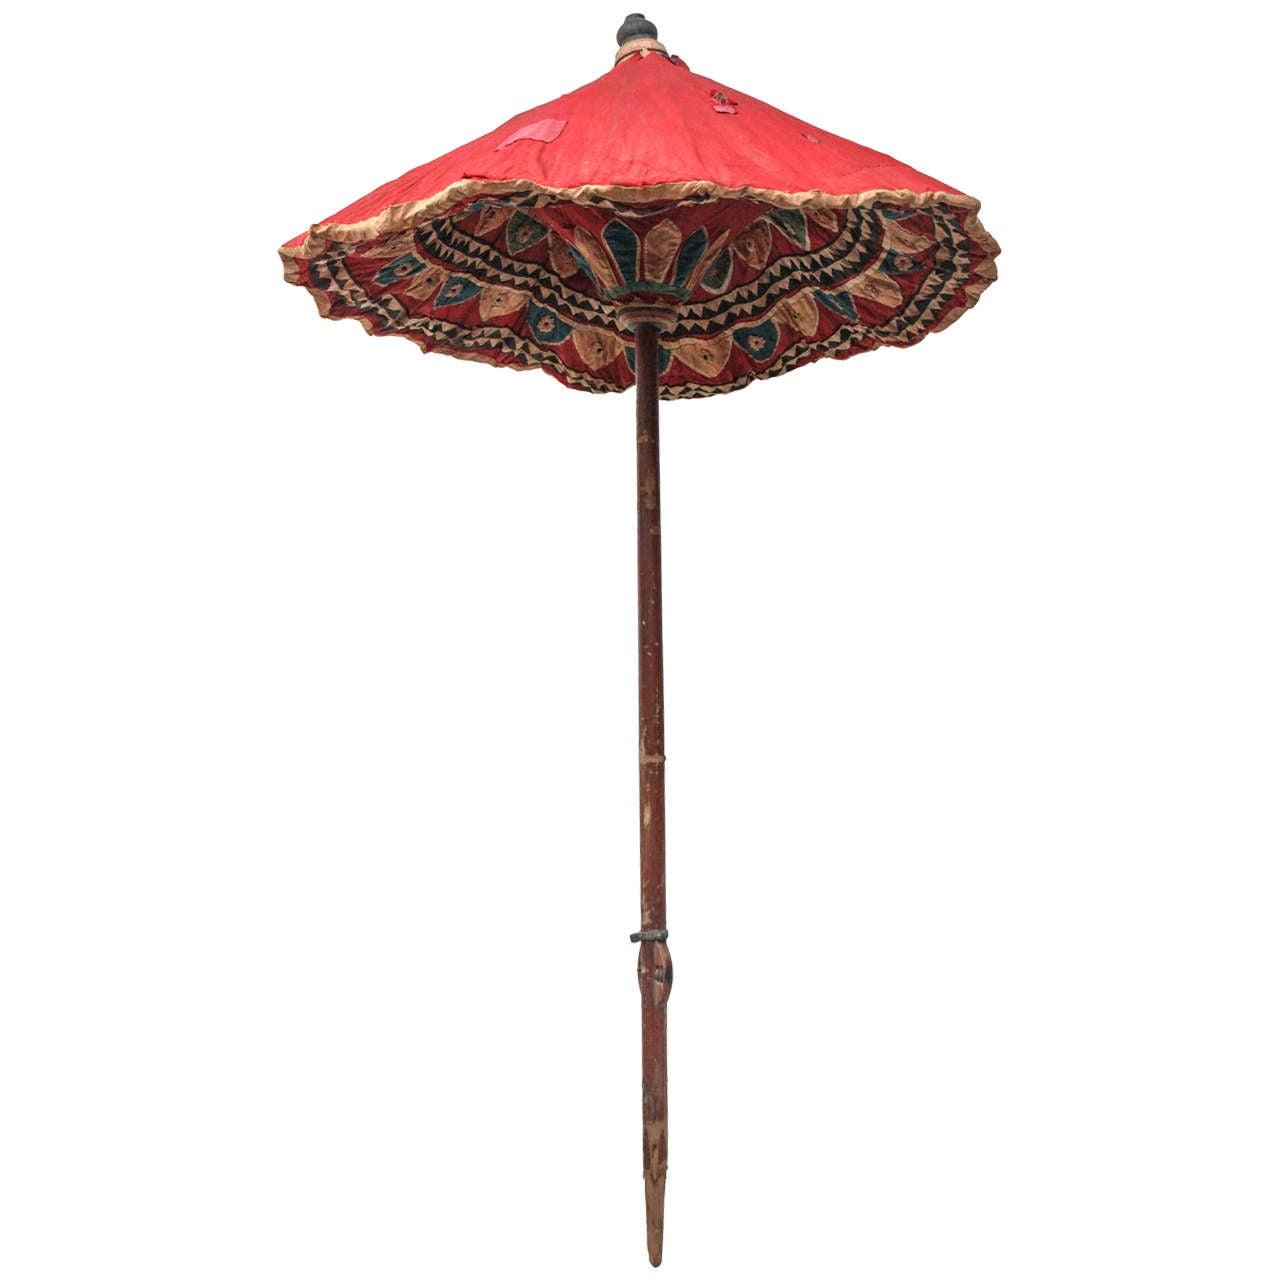 Moroccan stitched umbrella, 1960s